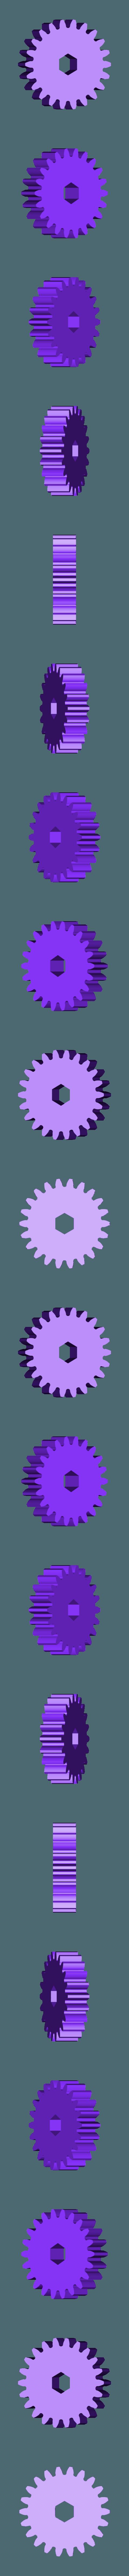 Gear_22_Teeth.stl Télécharger fichier STL gratuit Cheval, Prototype • Design pour imprimante 3D, gzumwalt